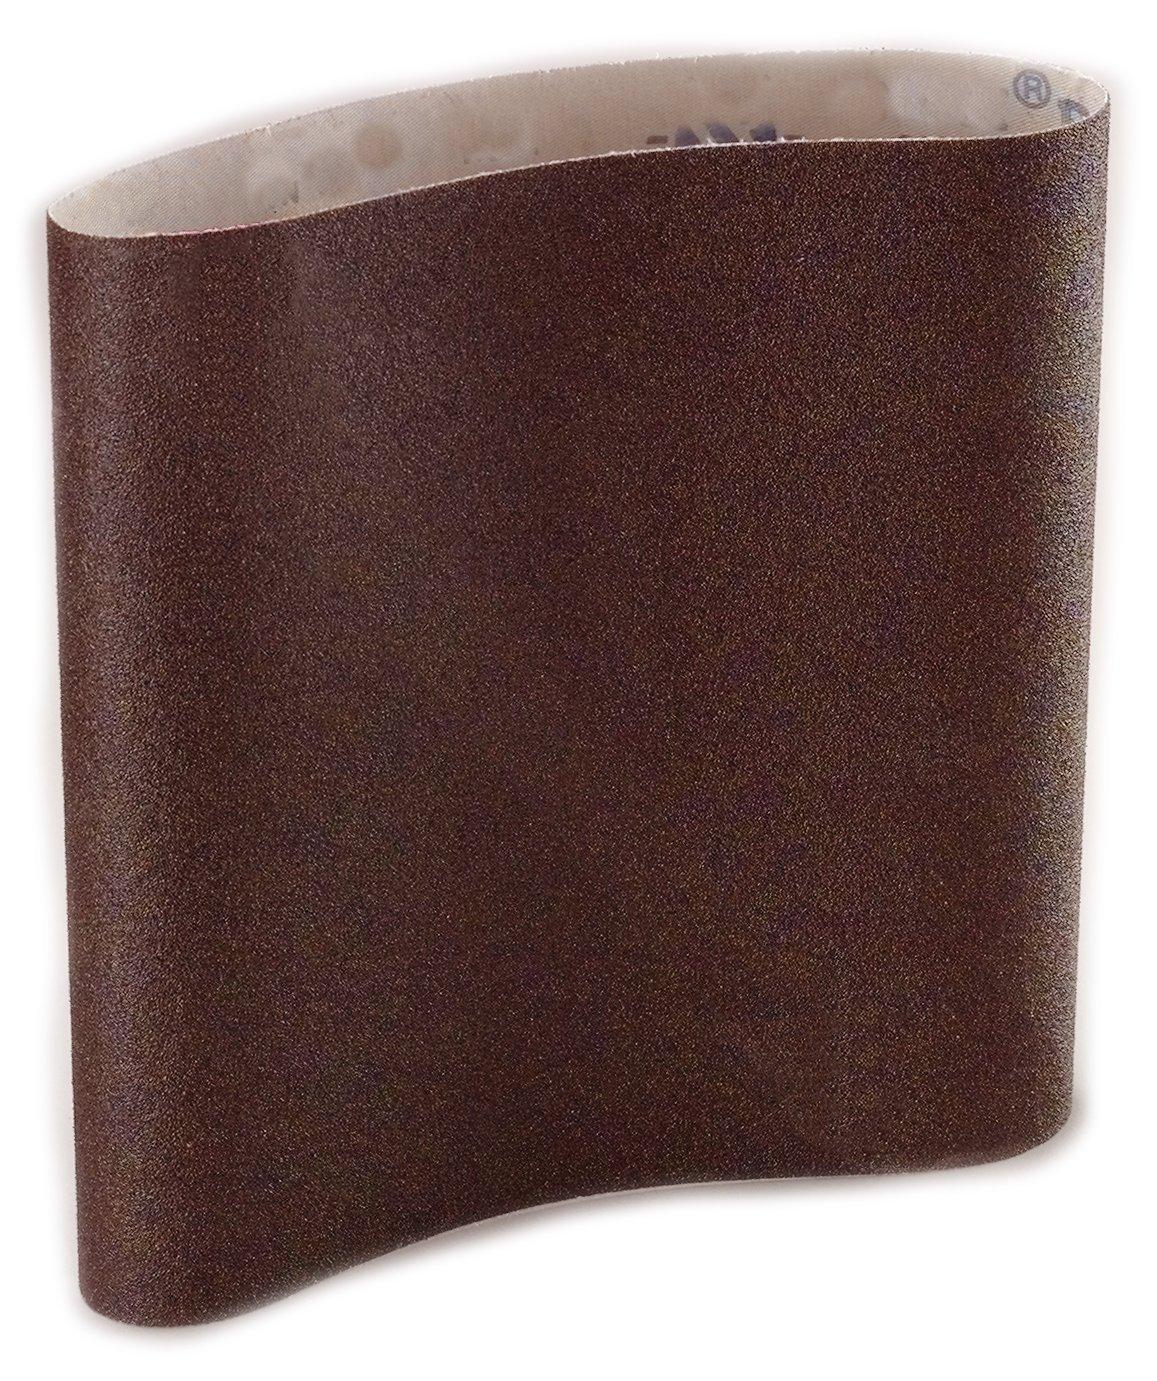 """Sungold Abrasives 87962 Aluminum Oxide Cloth 36 Grit EZ8 Floor Sanding Belts (10/Pack), 8""""X19"""""""